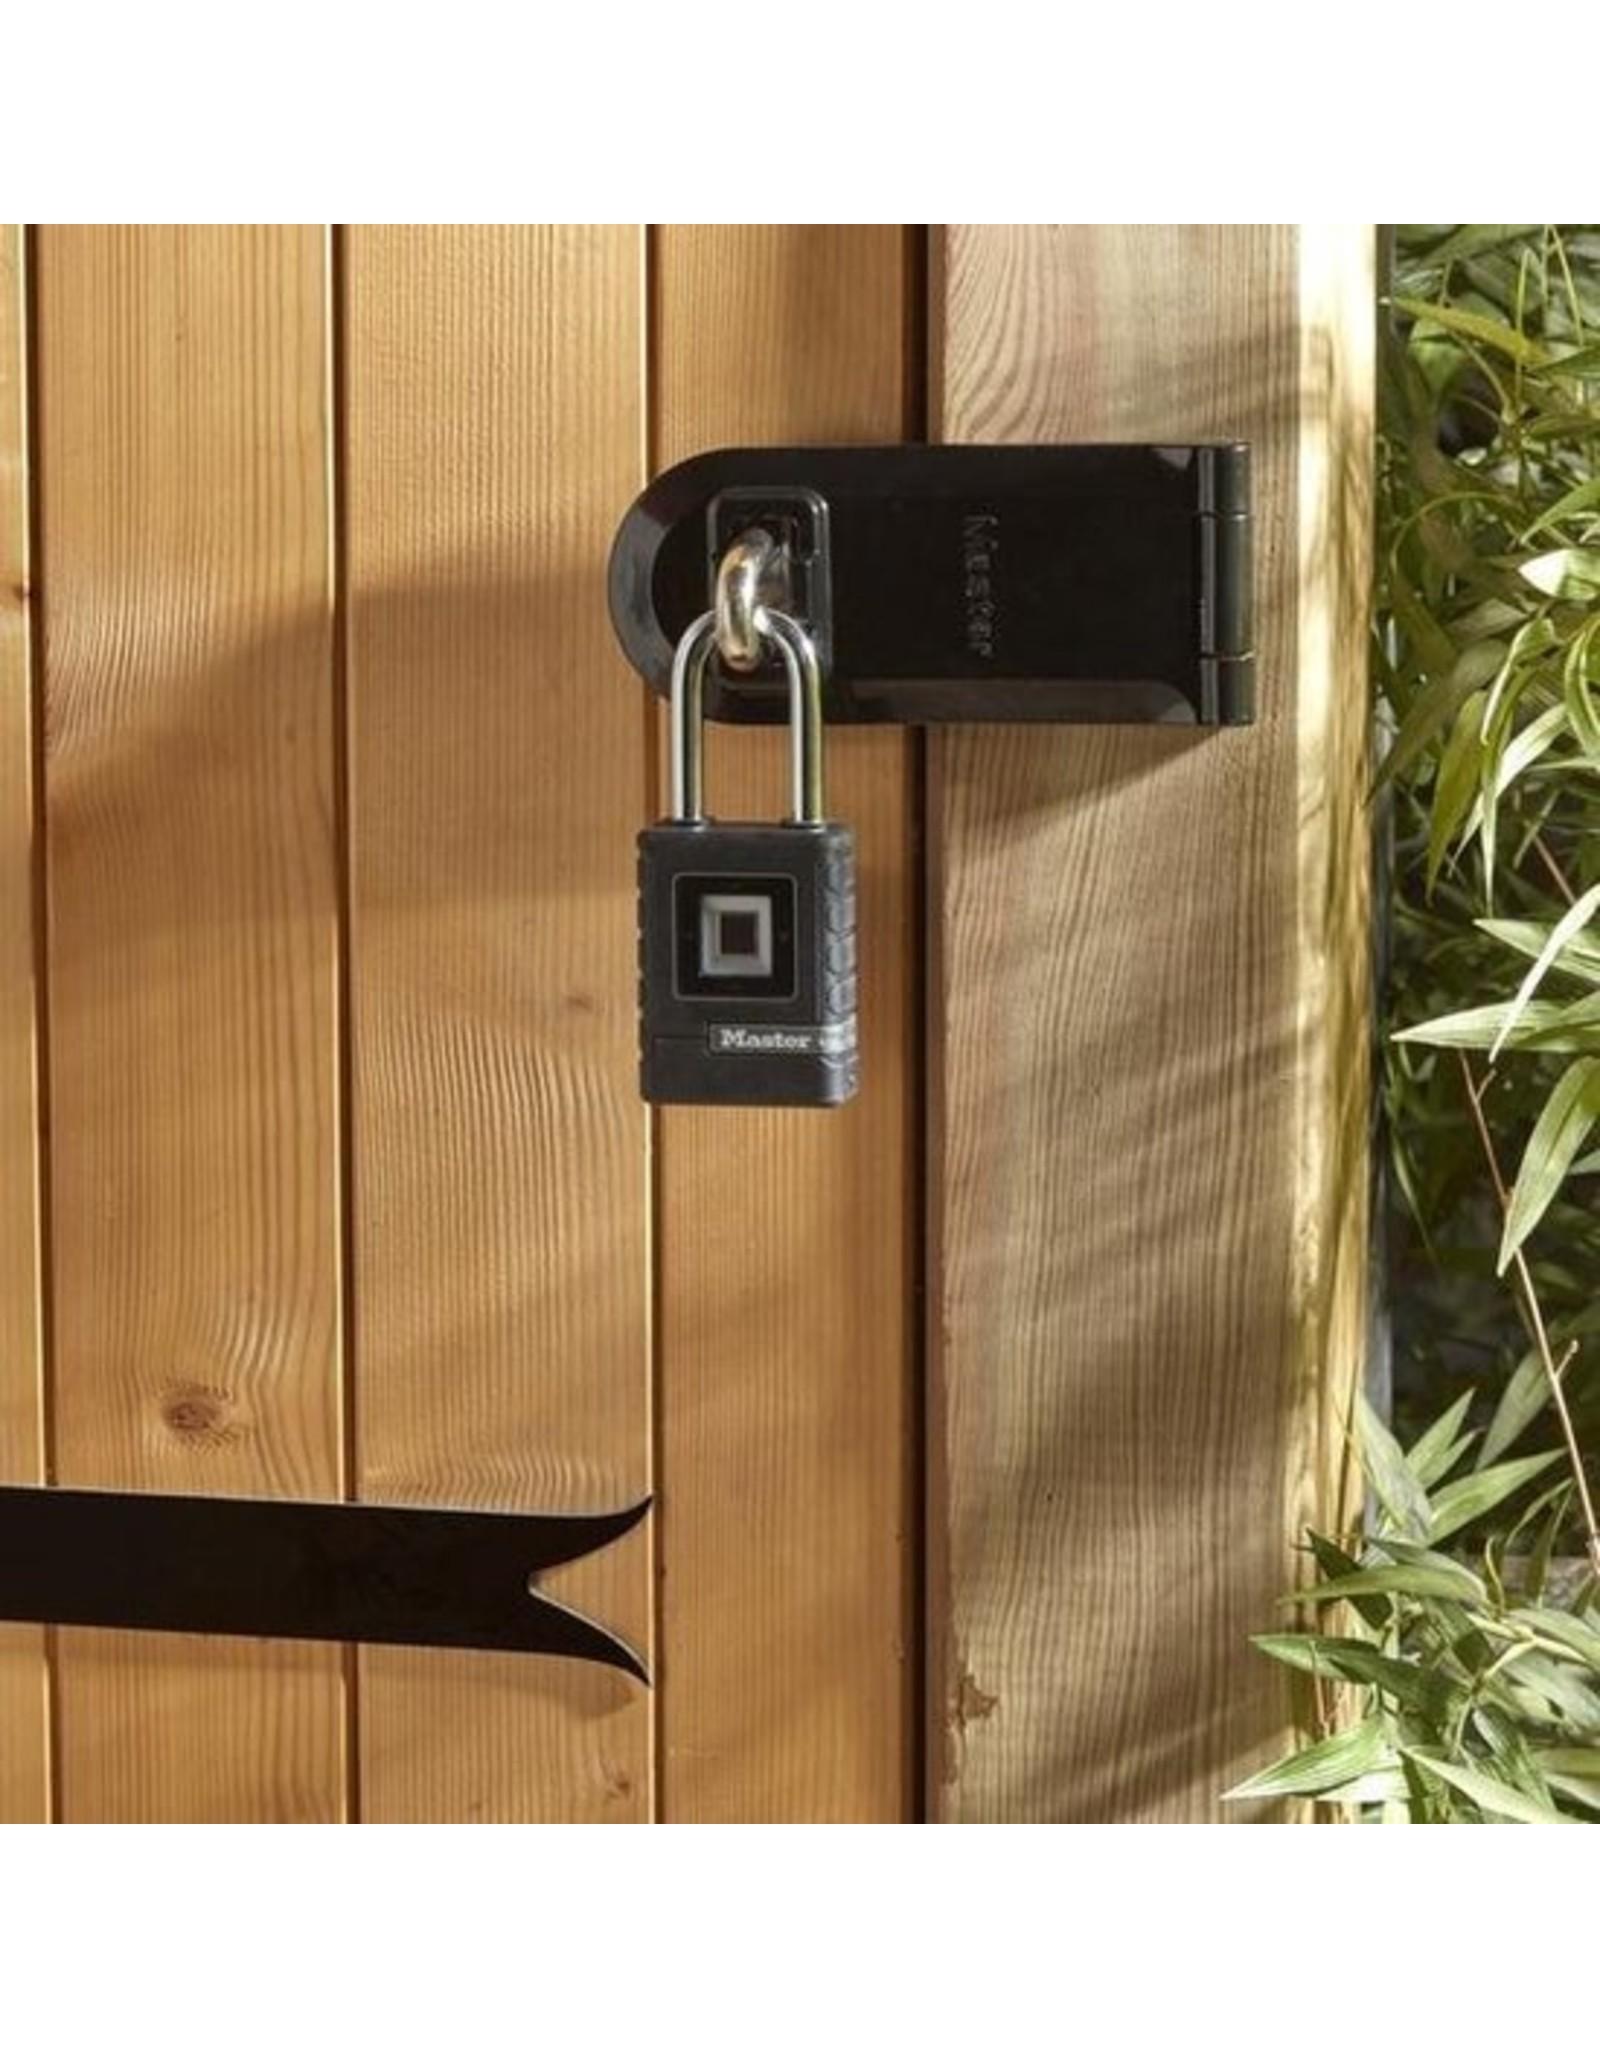 MasterLock MasterLock - Biometrisch hangslot - Voor buiten